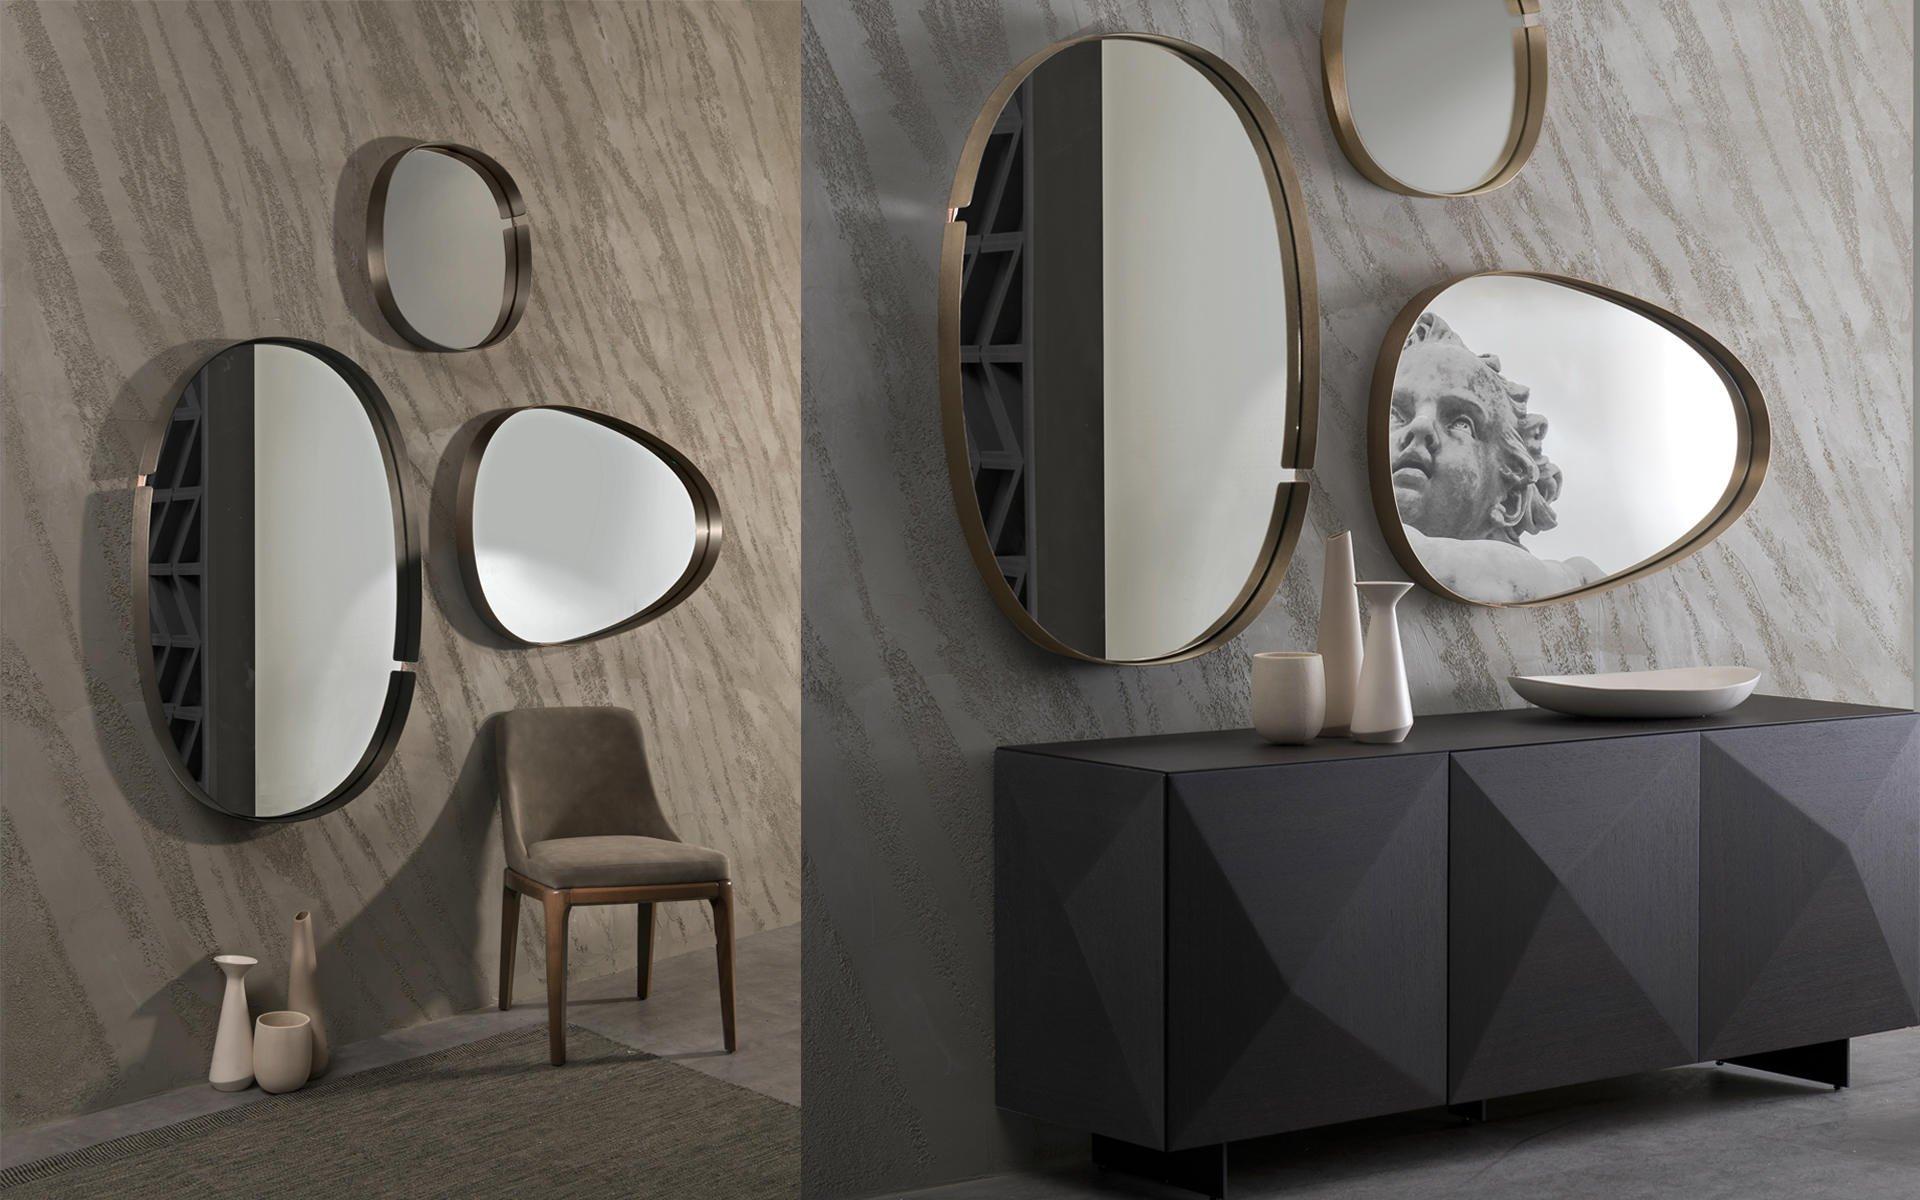 Gruppo di specchi di differenti forme,mobile nero con evidenza